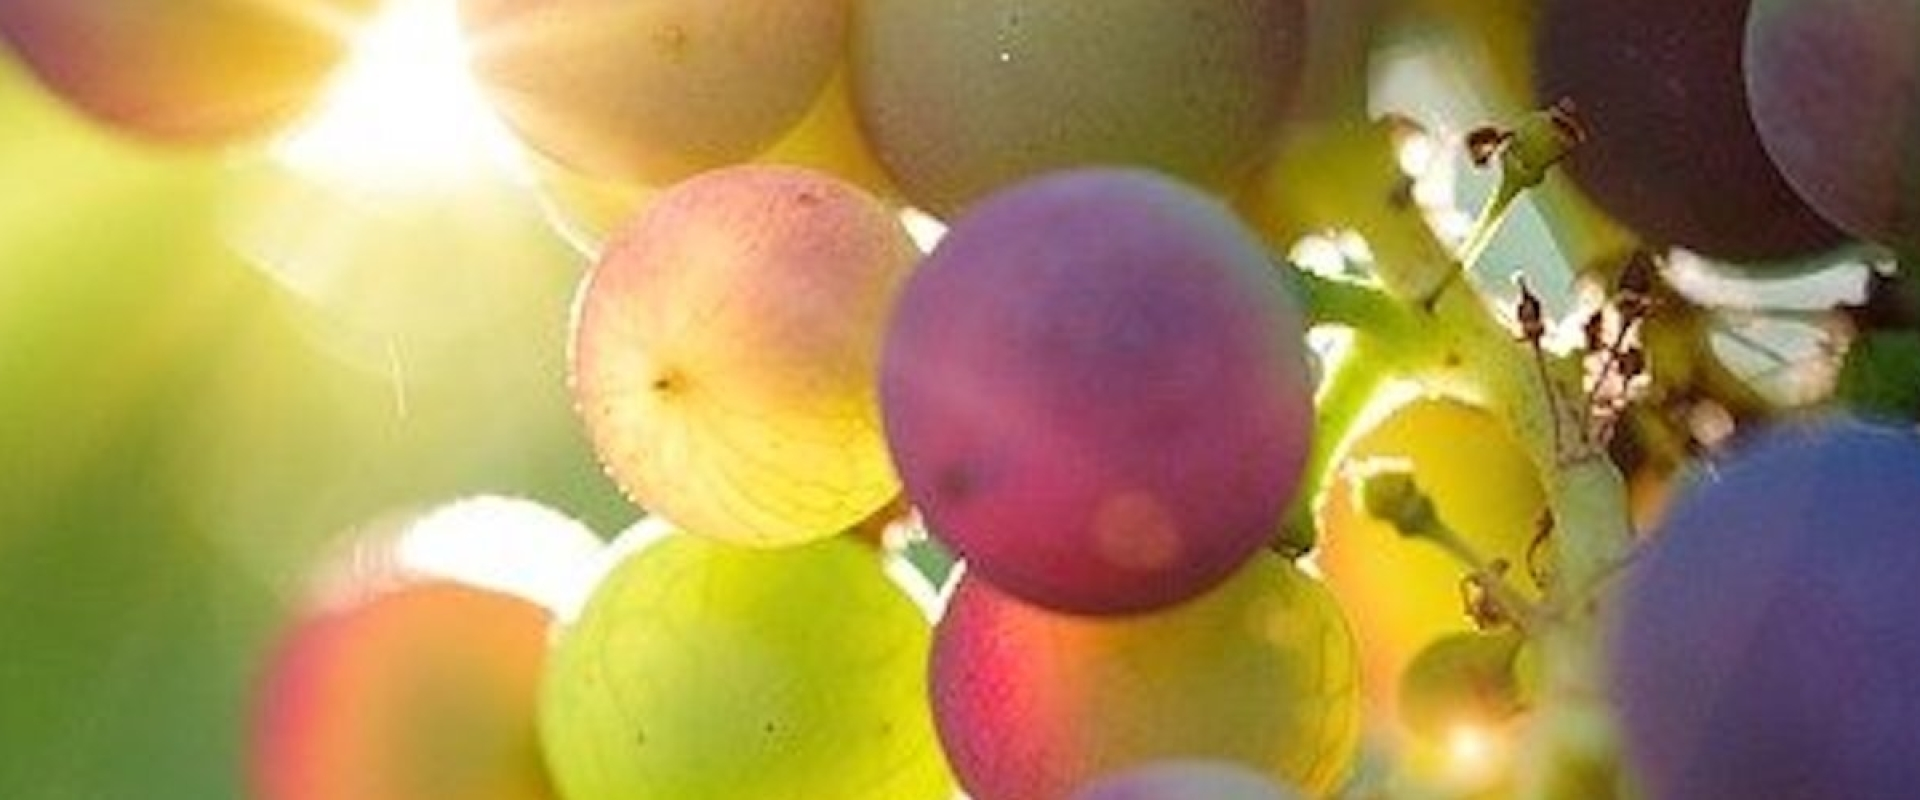 Wat is natuurwijn?